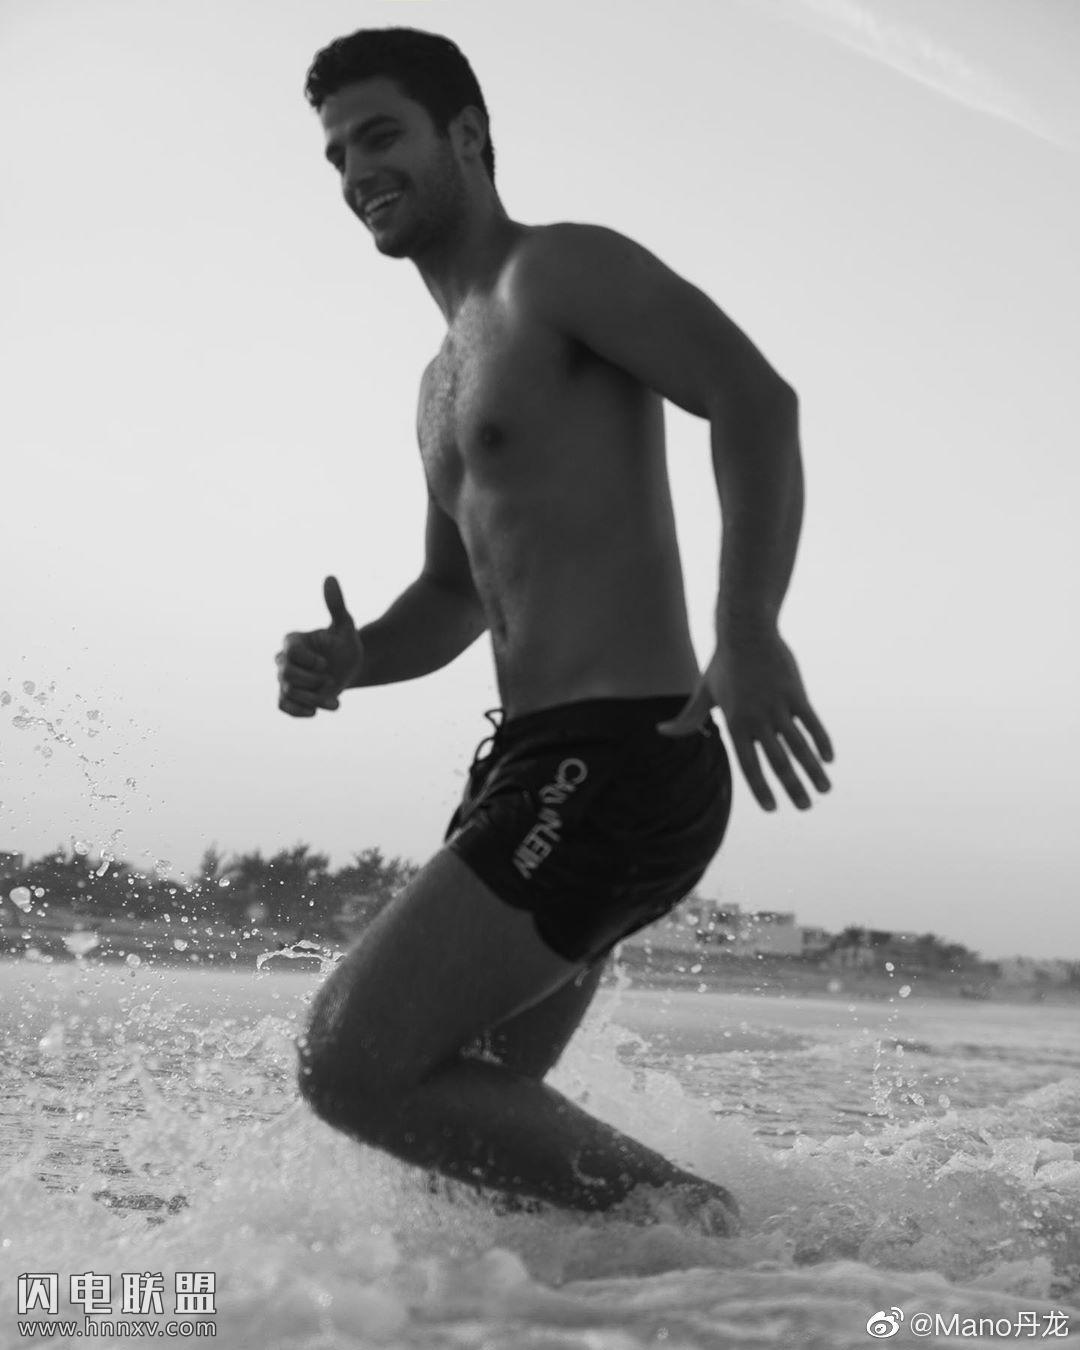 欧美肌肉男模帅哥海边性感文艺内裤写真第10张